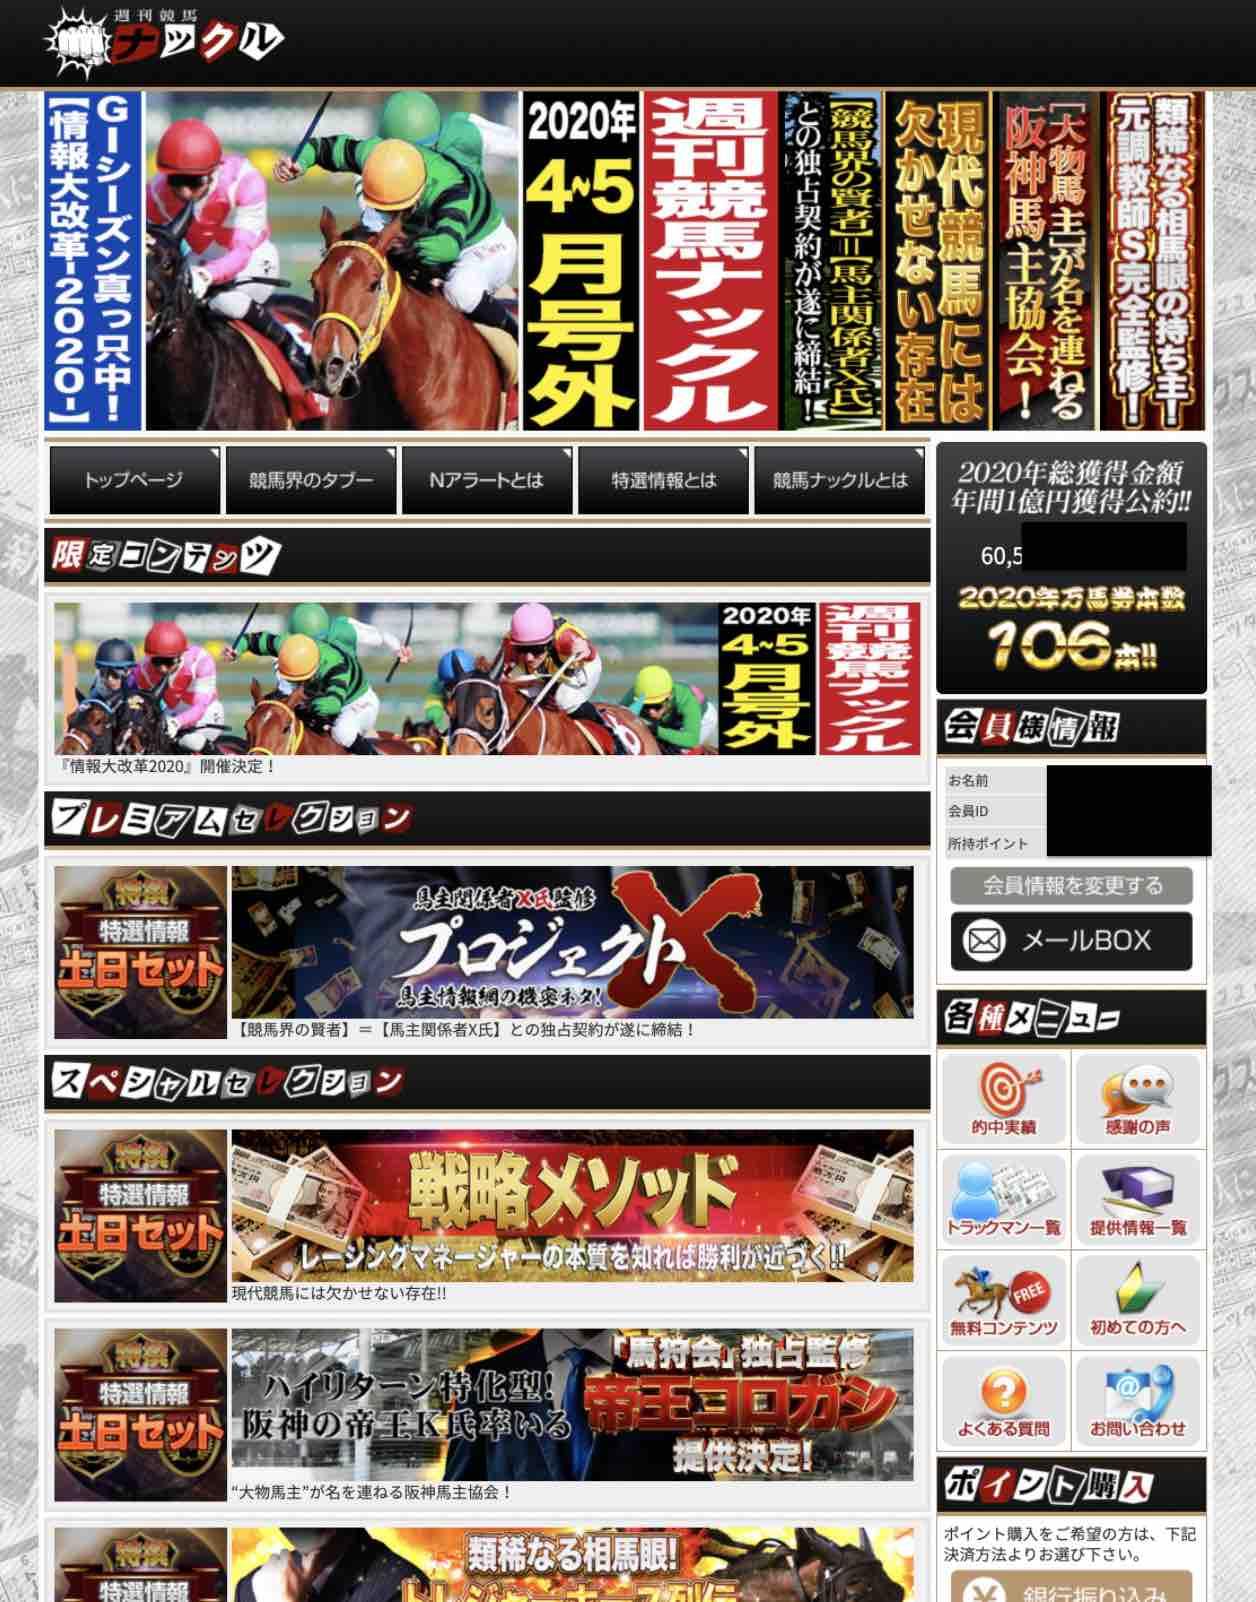 週刊競馬ナックルという競馬予想サイトの会員ページ